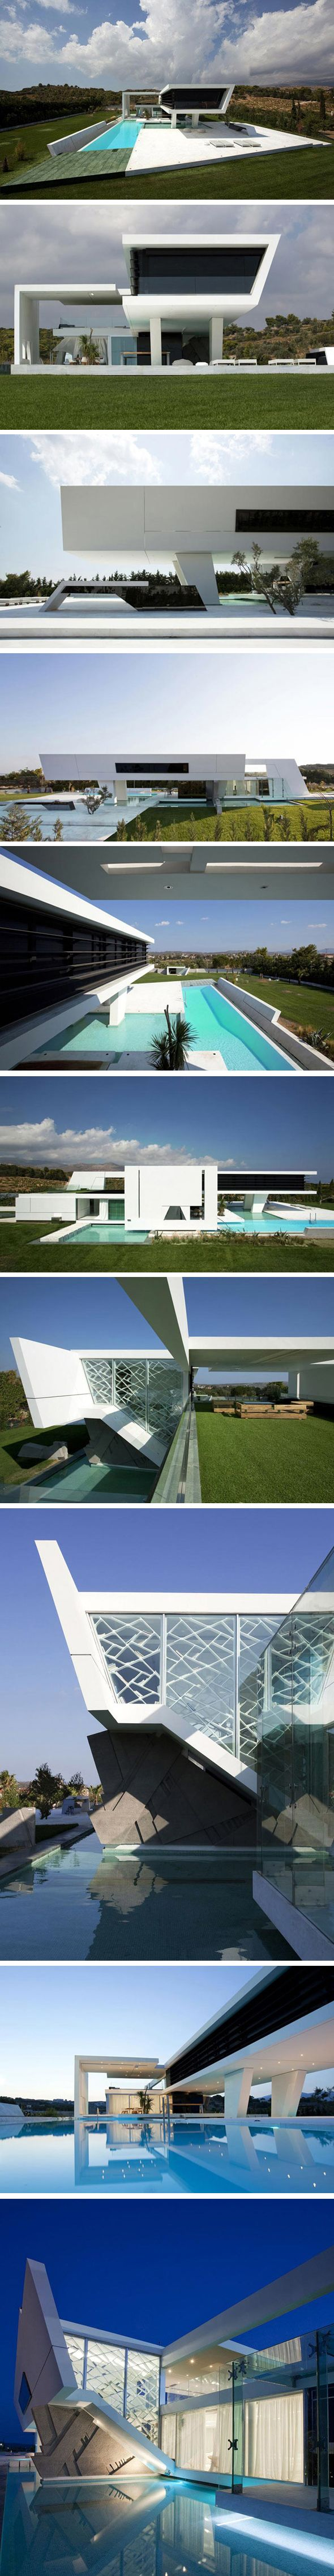 17 meilleures id es propos de architecture futuriste sur - La residence kitchel par boora architects ...